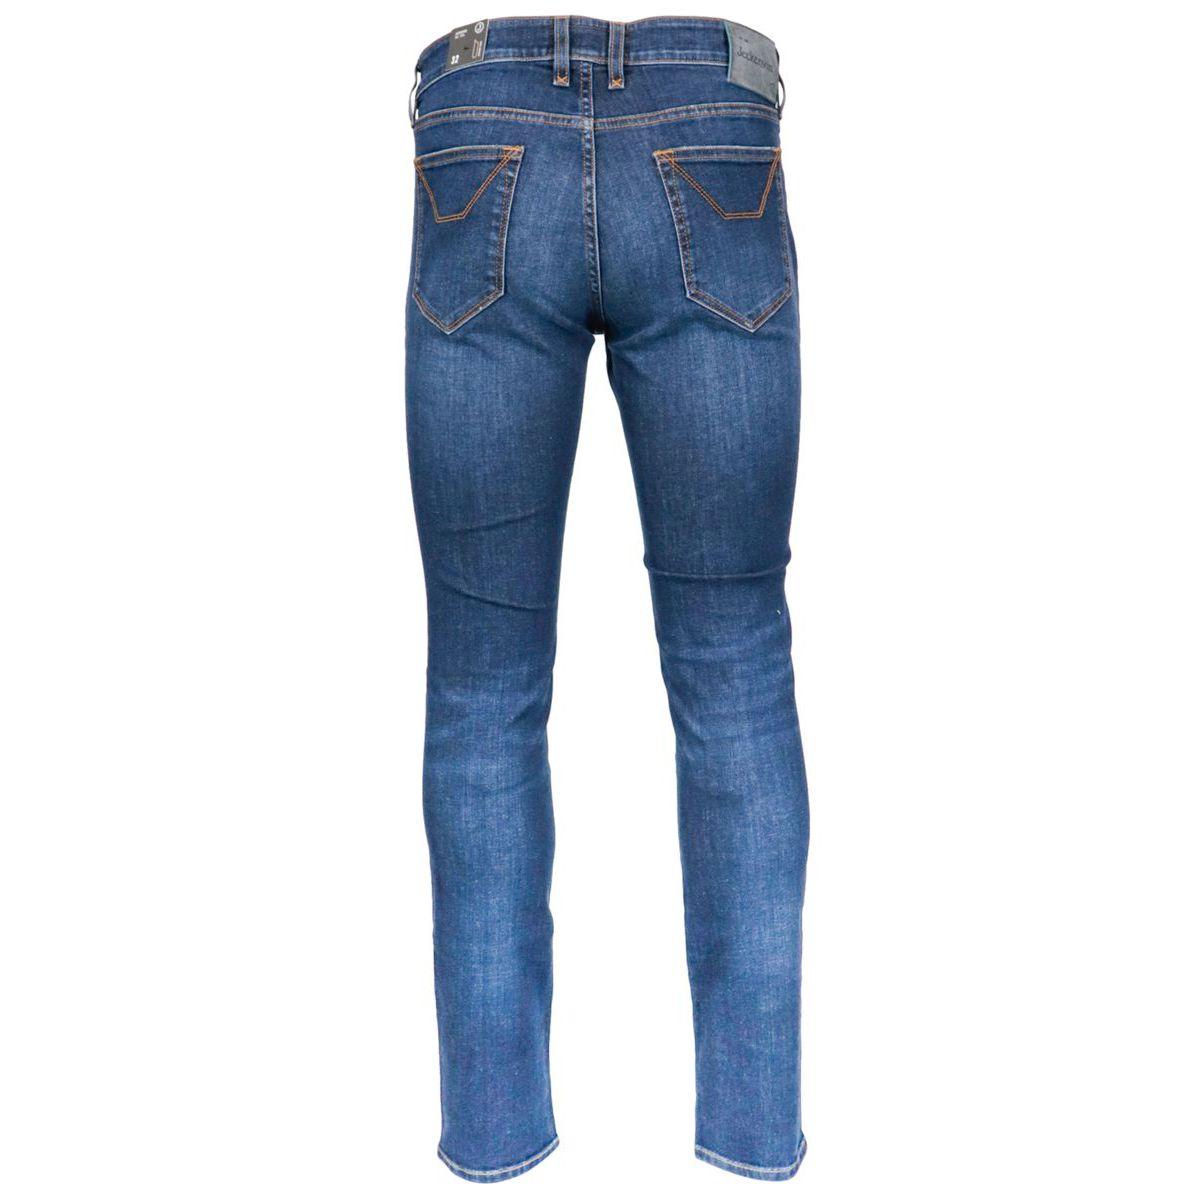 3 blend denim jeans with america pocket Dark denim Jeckerson